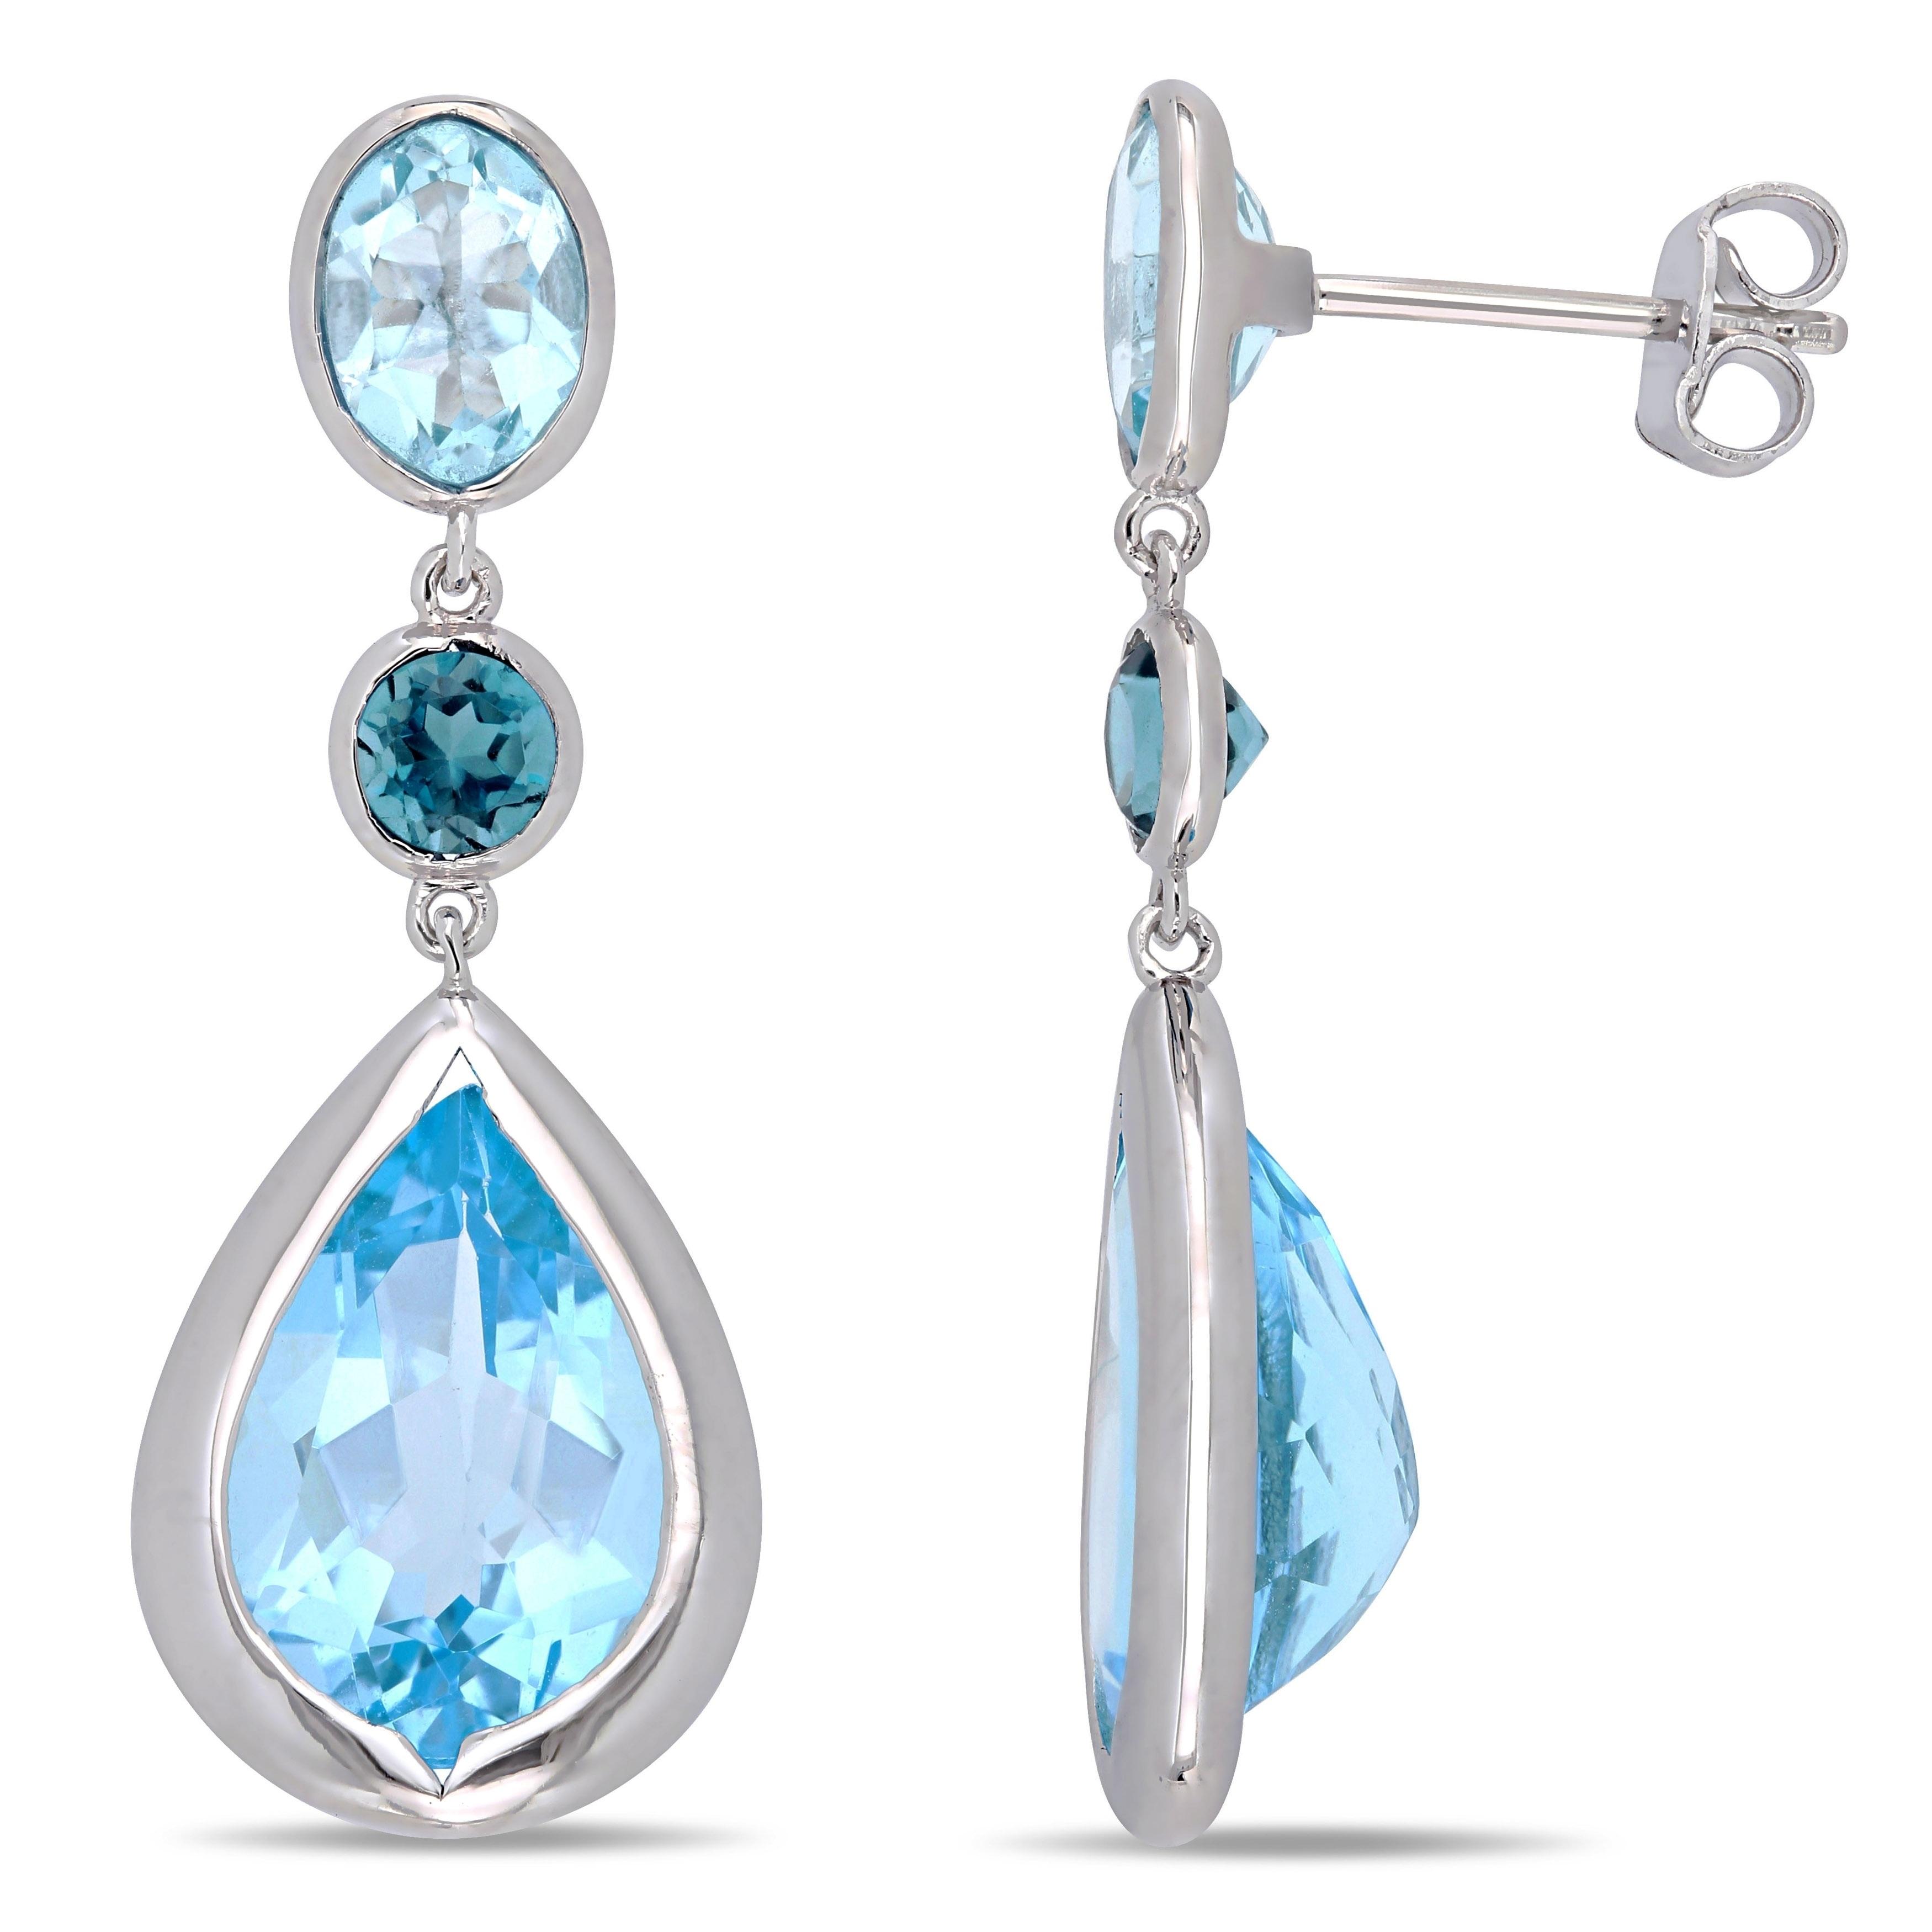 Dangle Ear Wire Sterling Silver Cloudy Sky Blue 925 Pear Shaped Domed Earrings Vintage Teardrop Gray Larimar